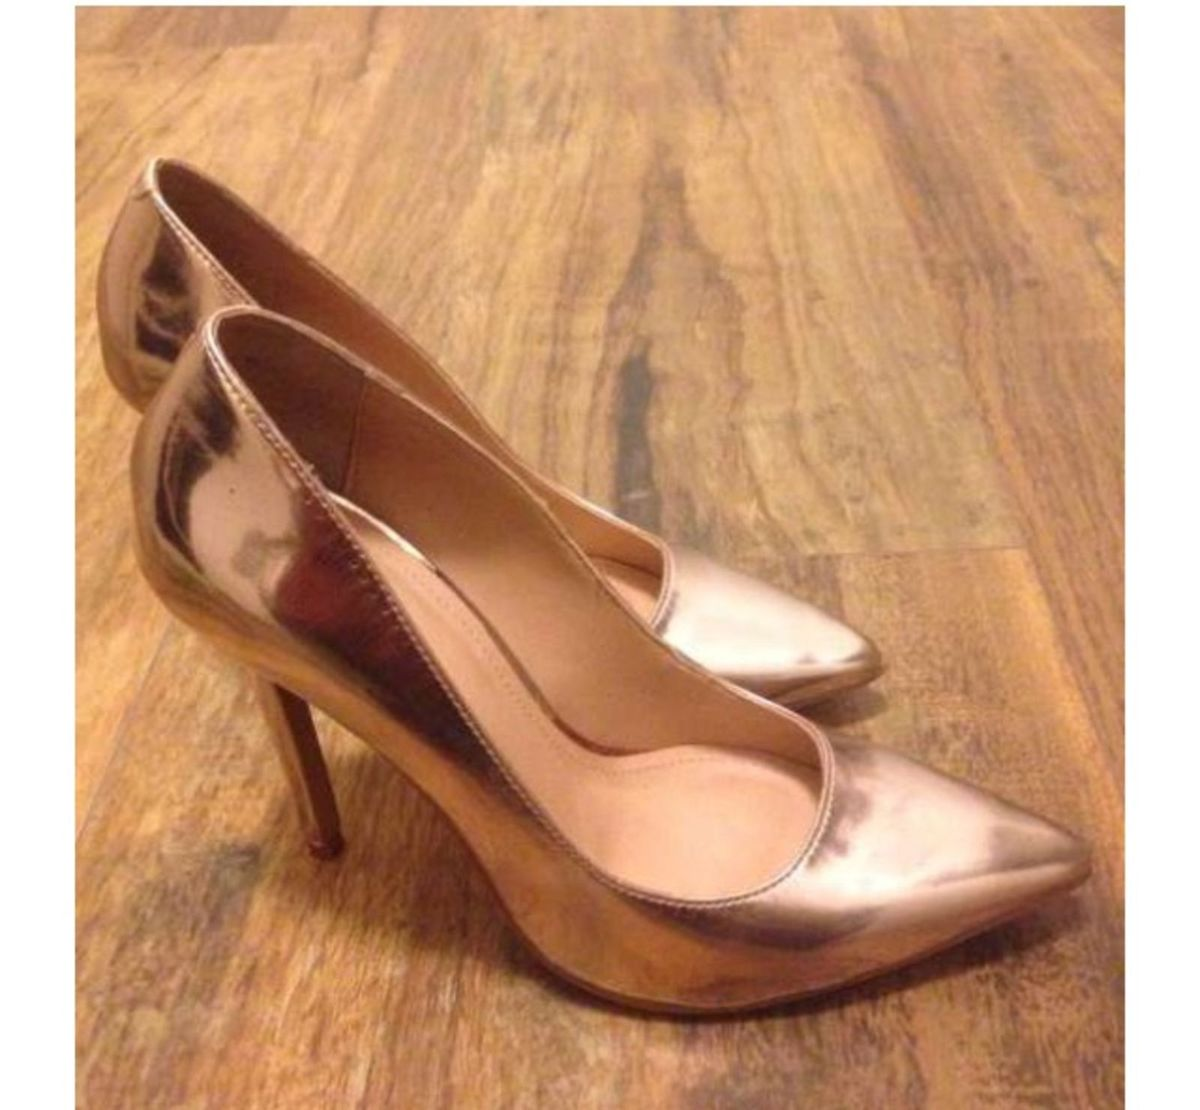 cb648d39b9 scarpin ouro rose! puro luxo! - sapatos my shoes.  Czm6ly9wag90b3muzw5qb2vplmnvbs5ici9wcm9kdwn0cy80nzc4mzexlznjotgzmweymzqymwrmzwfmmzi4ymuyzje0owzkyzljlmpwzw